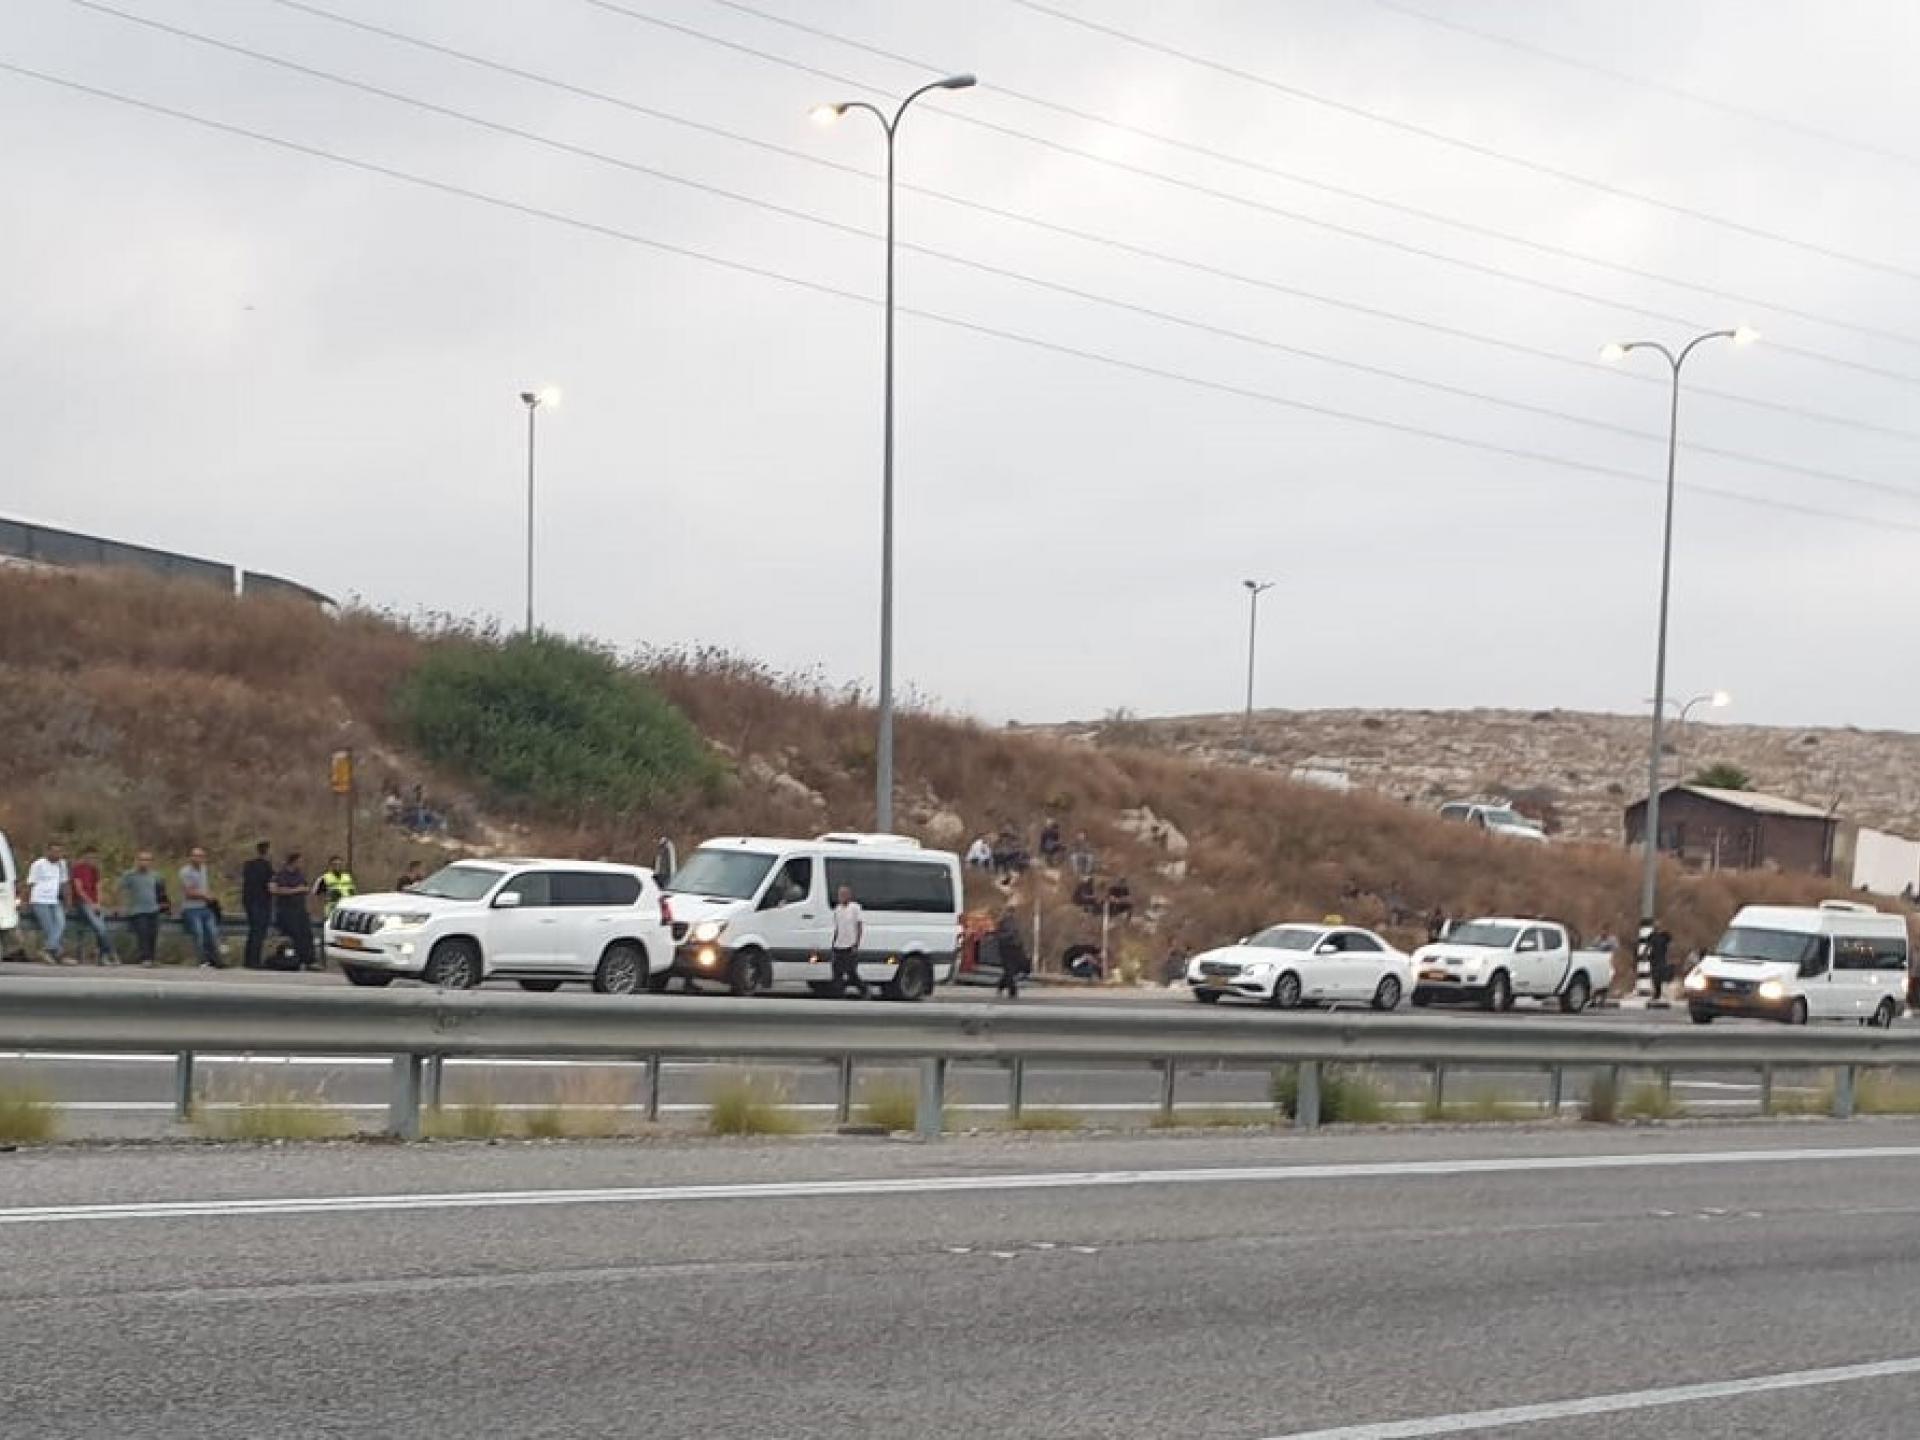 מכוניות מחכות לאסוף פועלים בצד הכביש